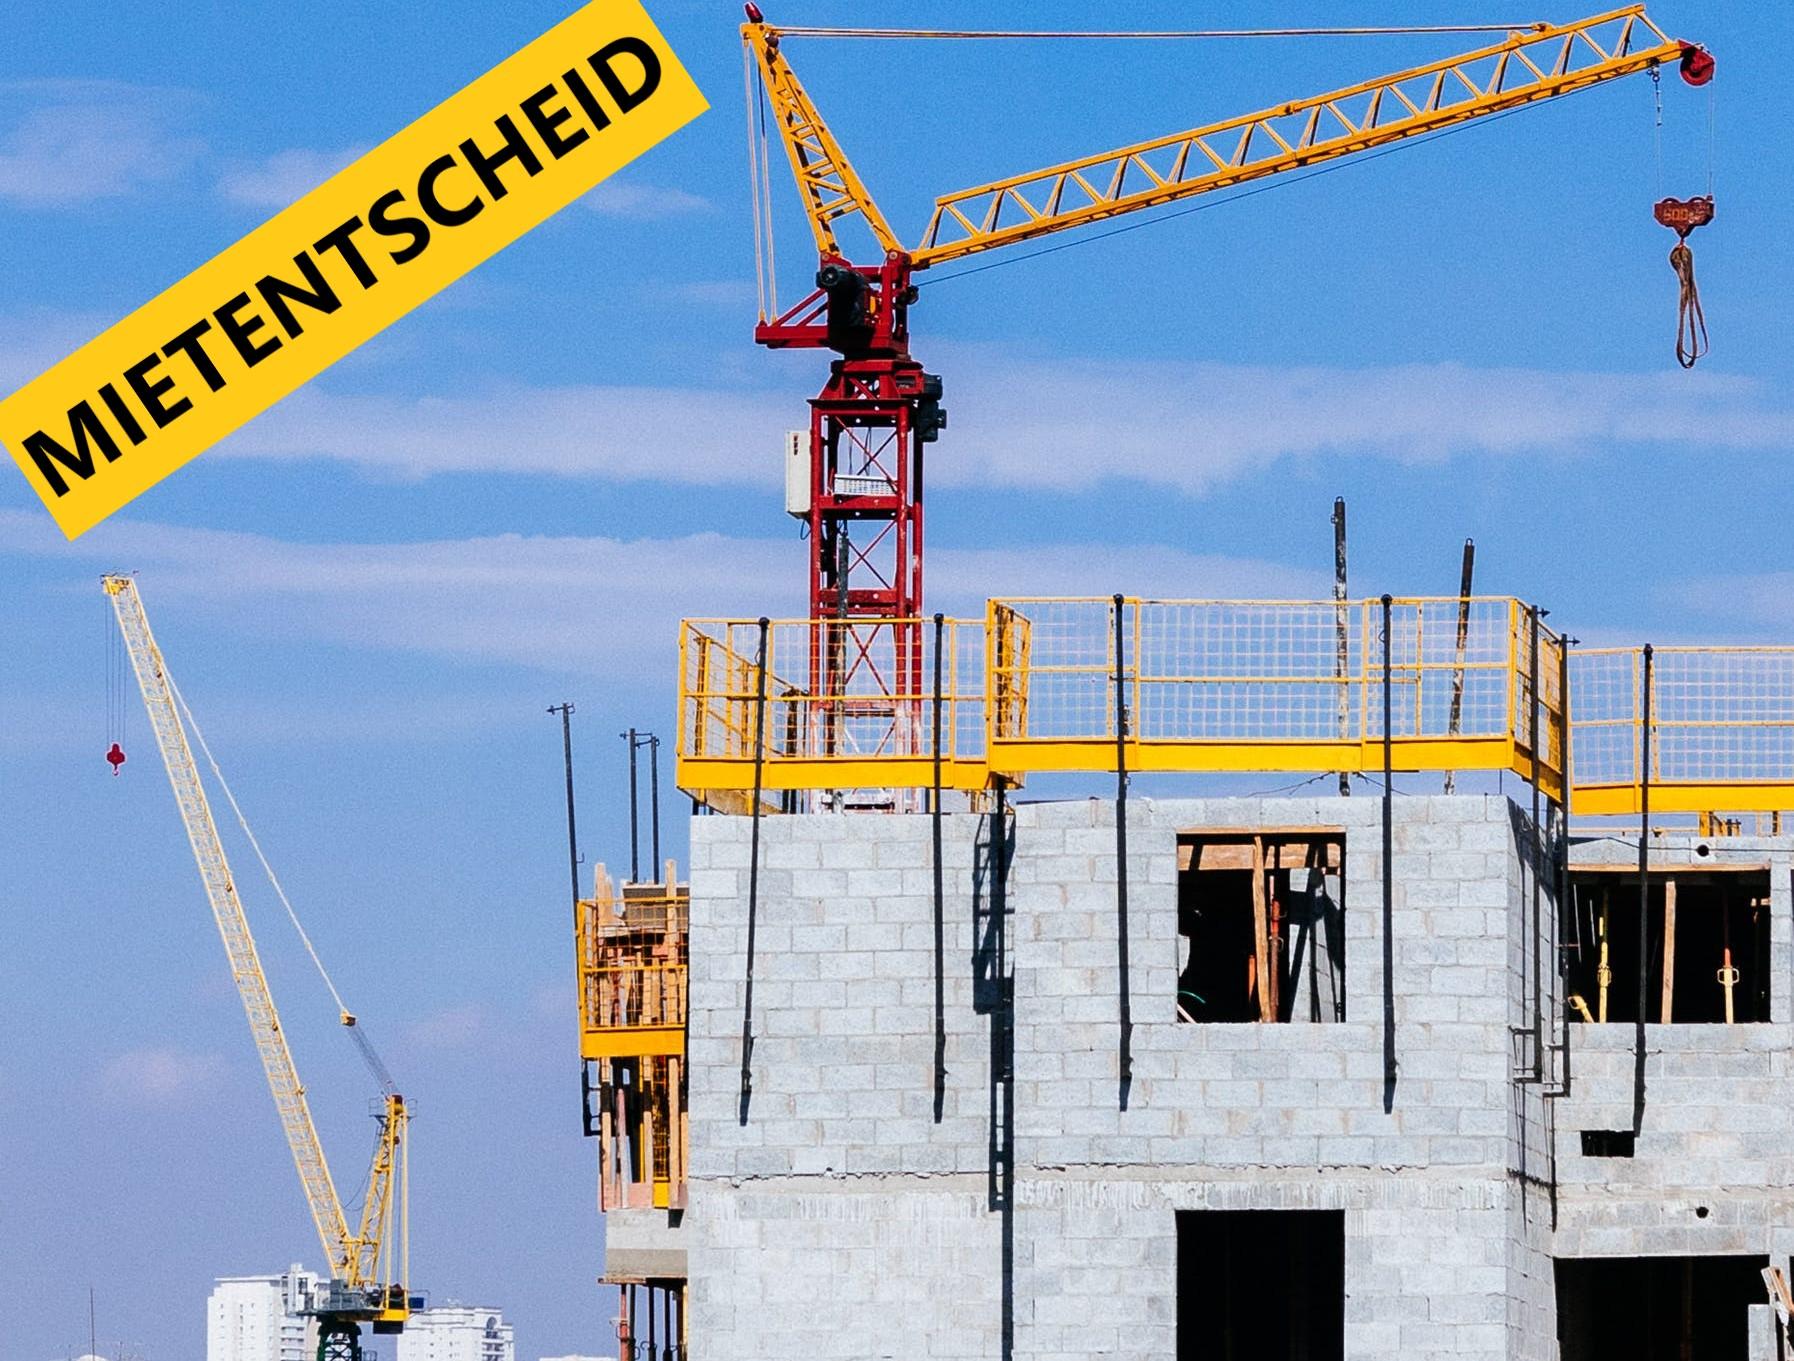 Mietentscheid Baustelle Wohnungsbau